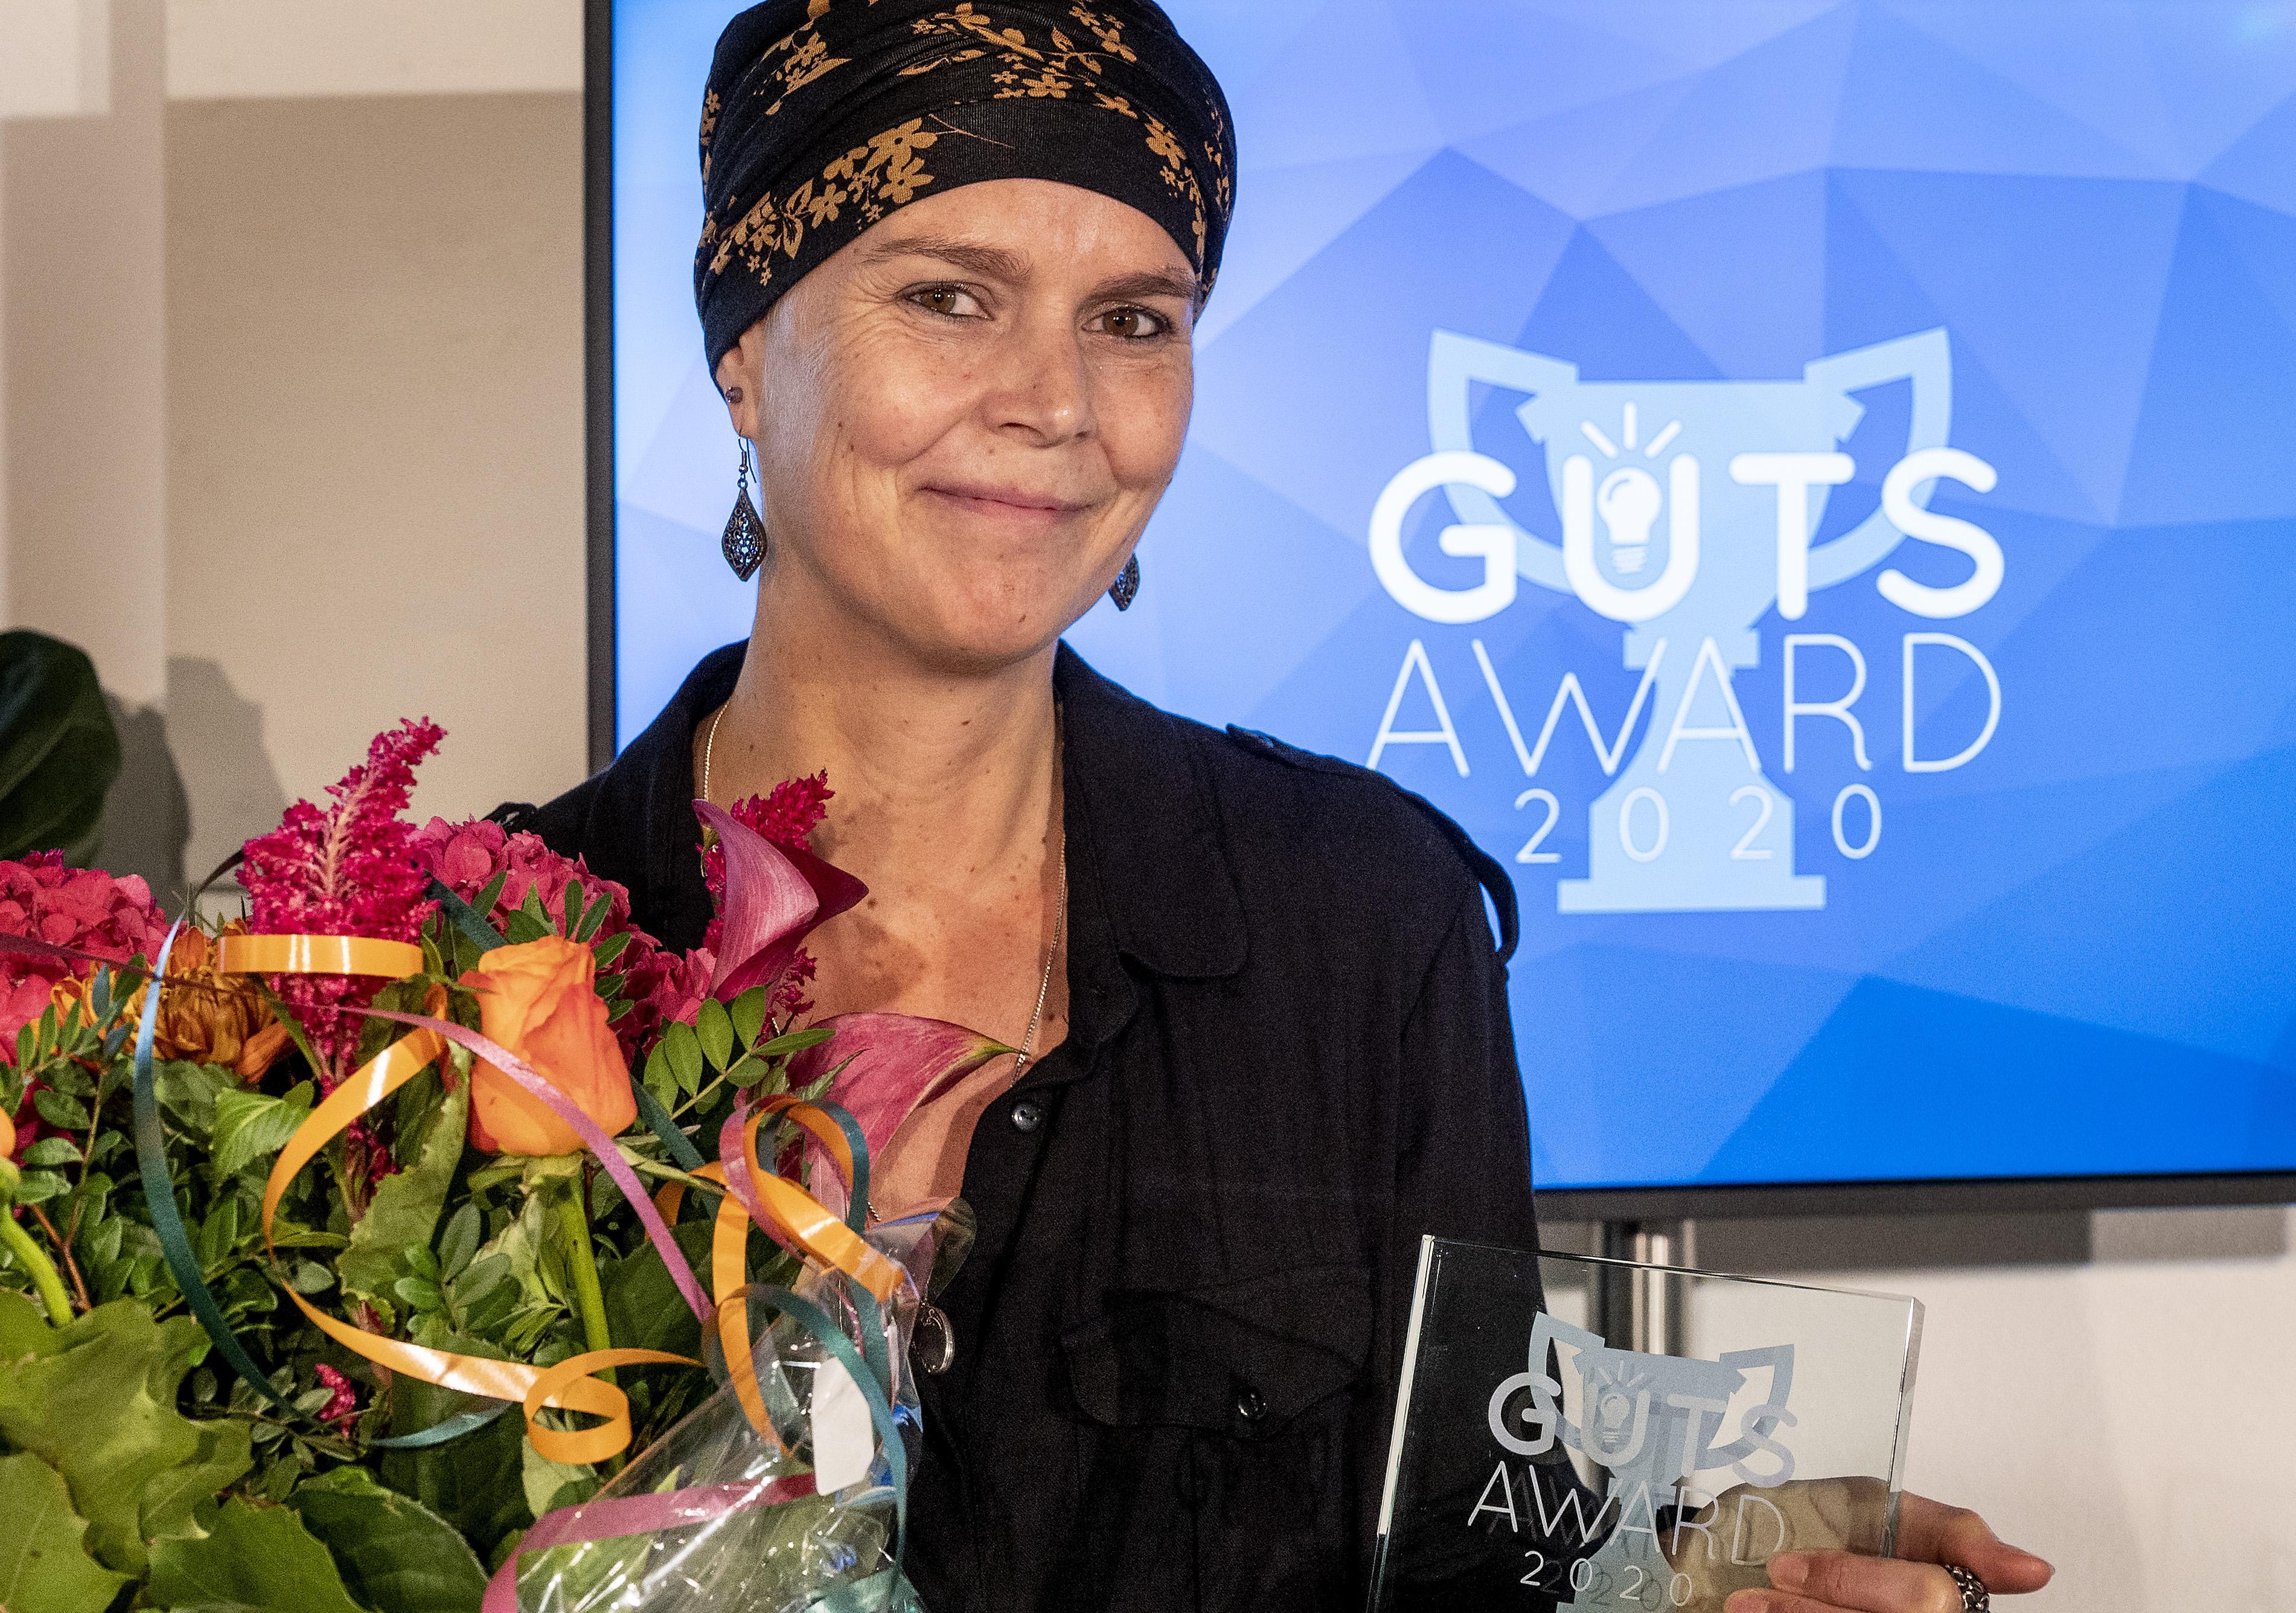 Beroepsfotograaf Martine Goulmy wint vijfde editie Guts Award, Vennepse krijgt meeste stemmen van vijftien genomineerde 'lefgozerinnen'